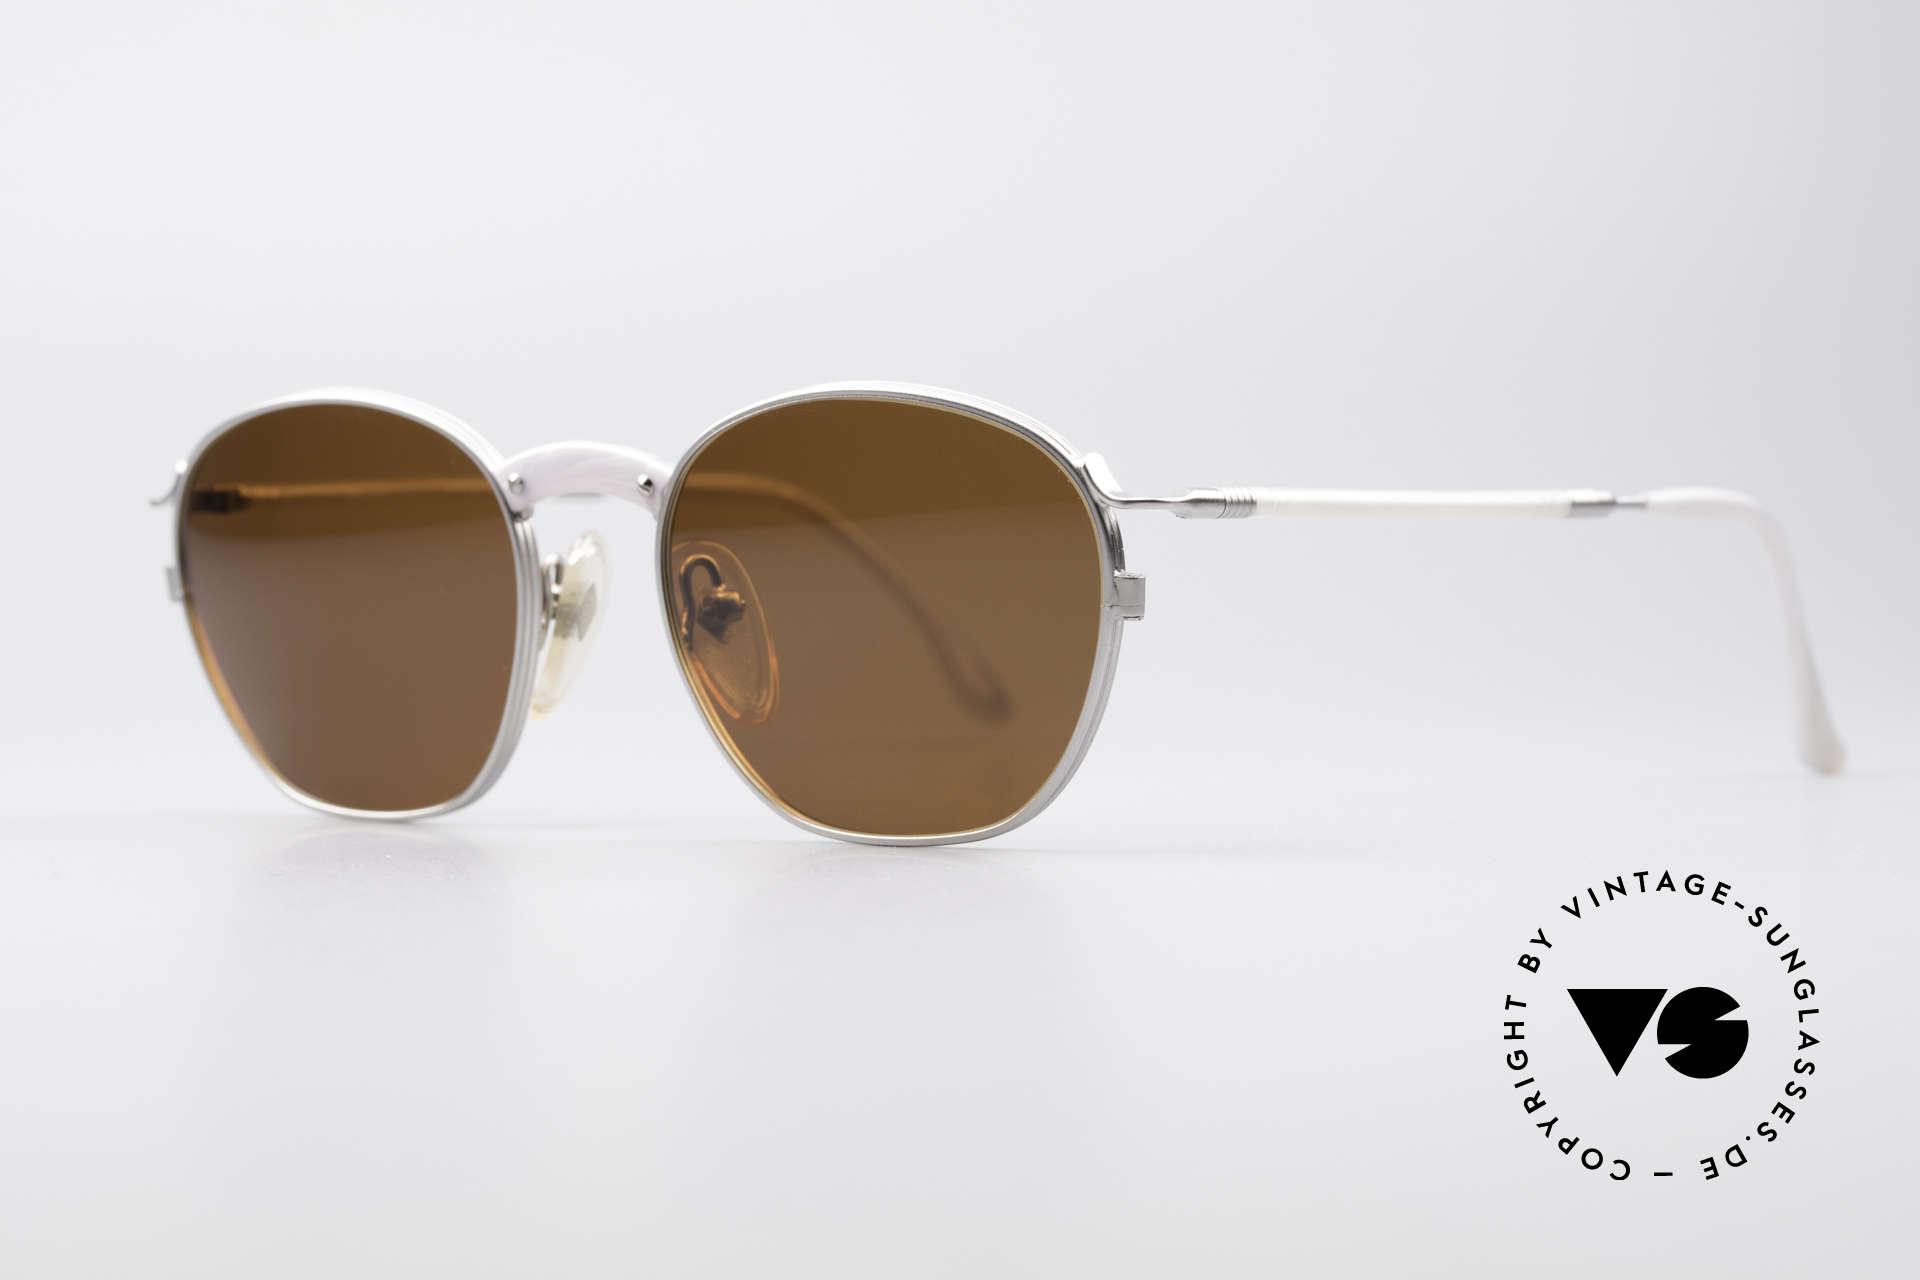 Jean Paul Gaultier 55-1271 JPG Vintage Sonnenbrille, zeitlos elegant in Farbe und Form und in Top-Qualität, Passend für Herren und Damen